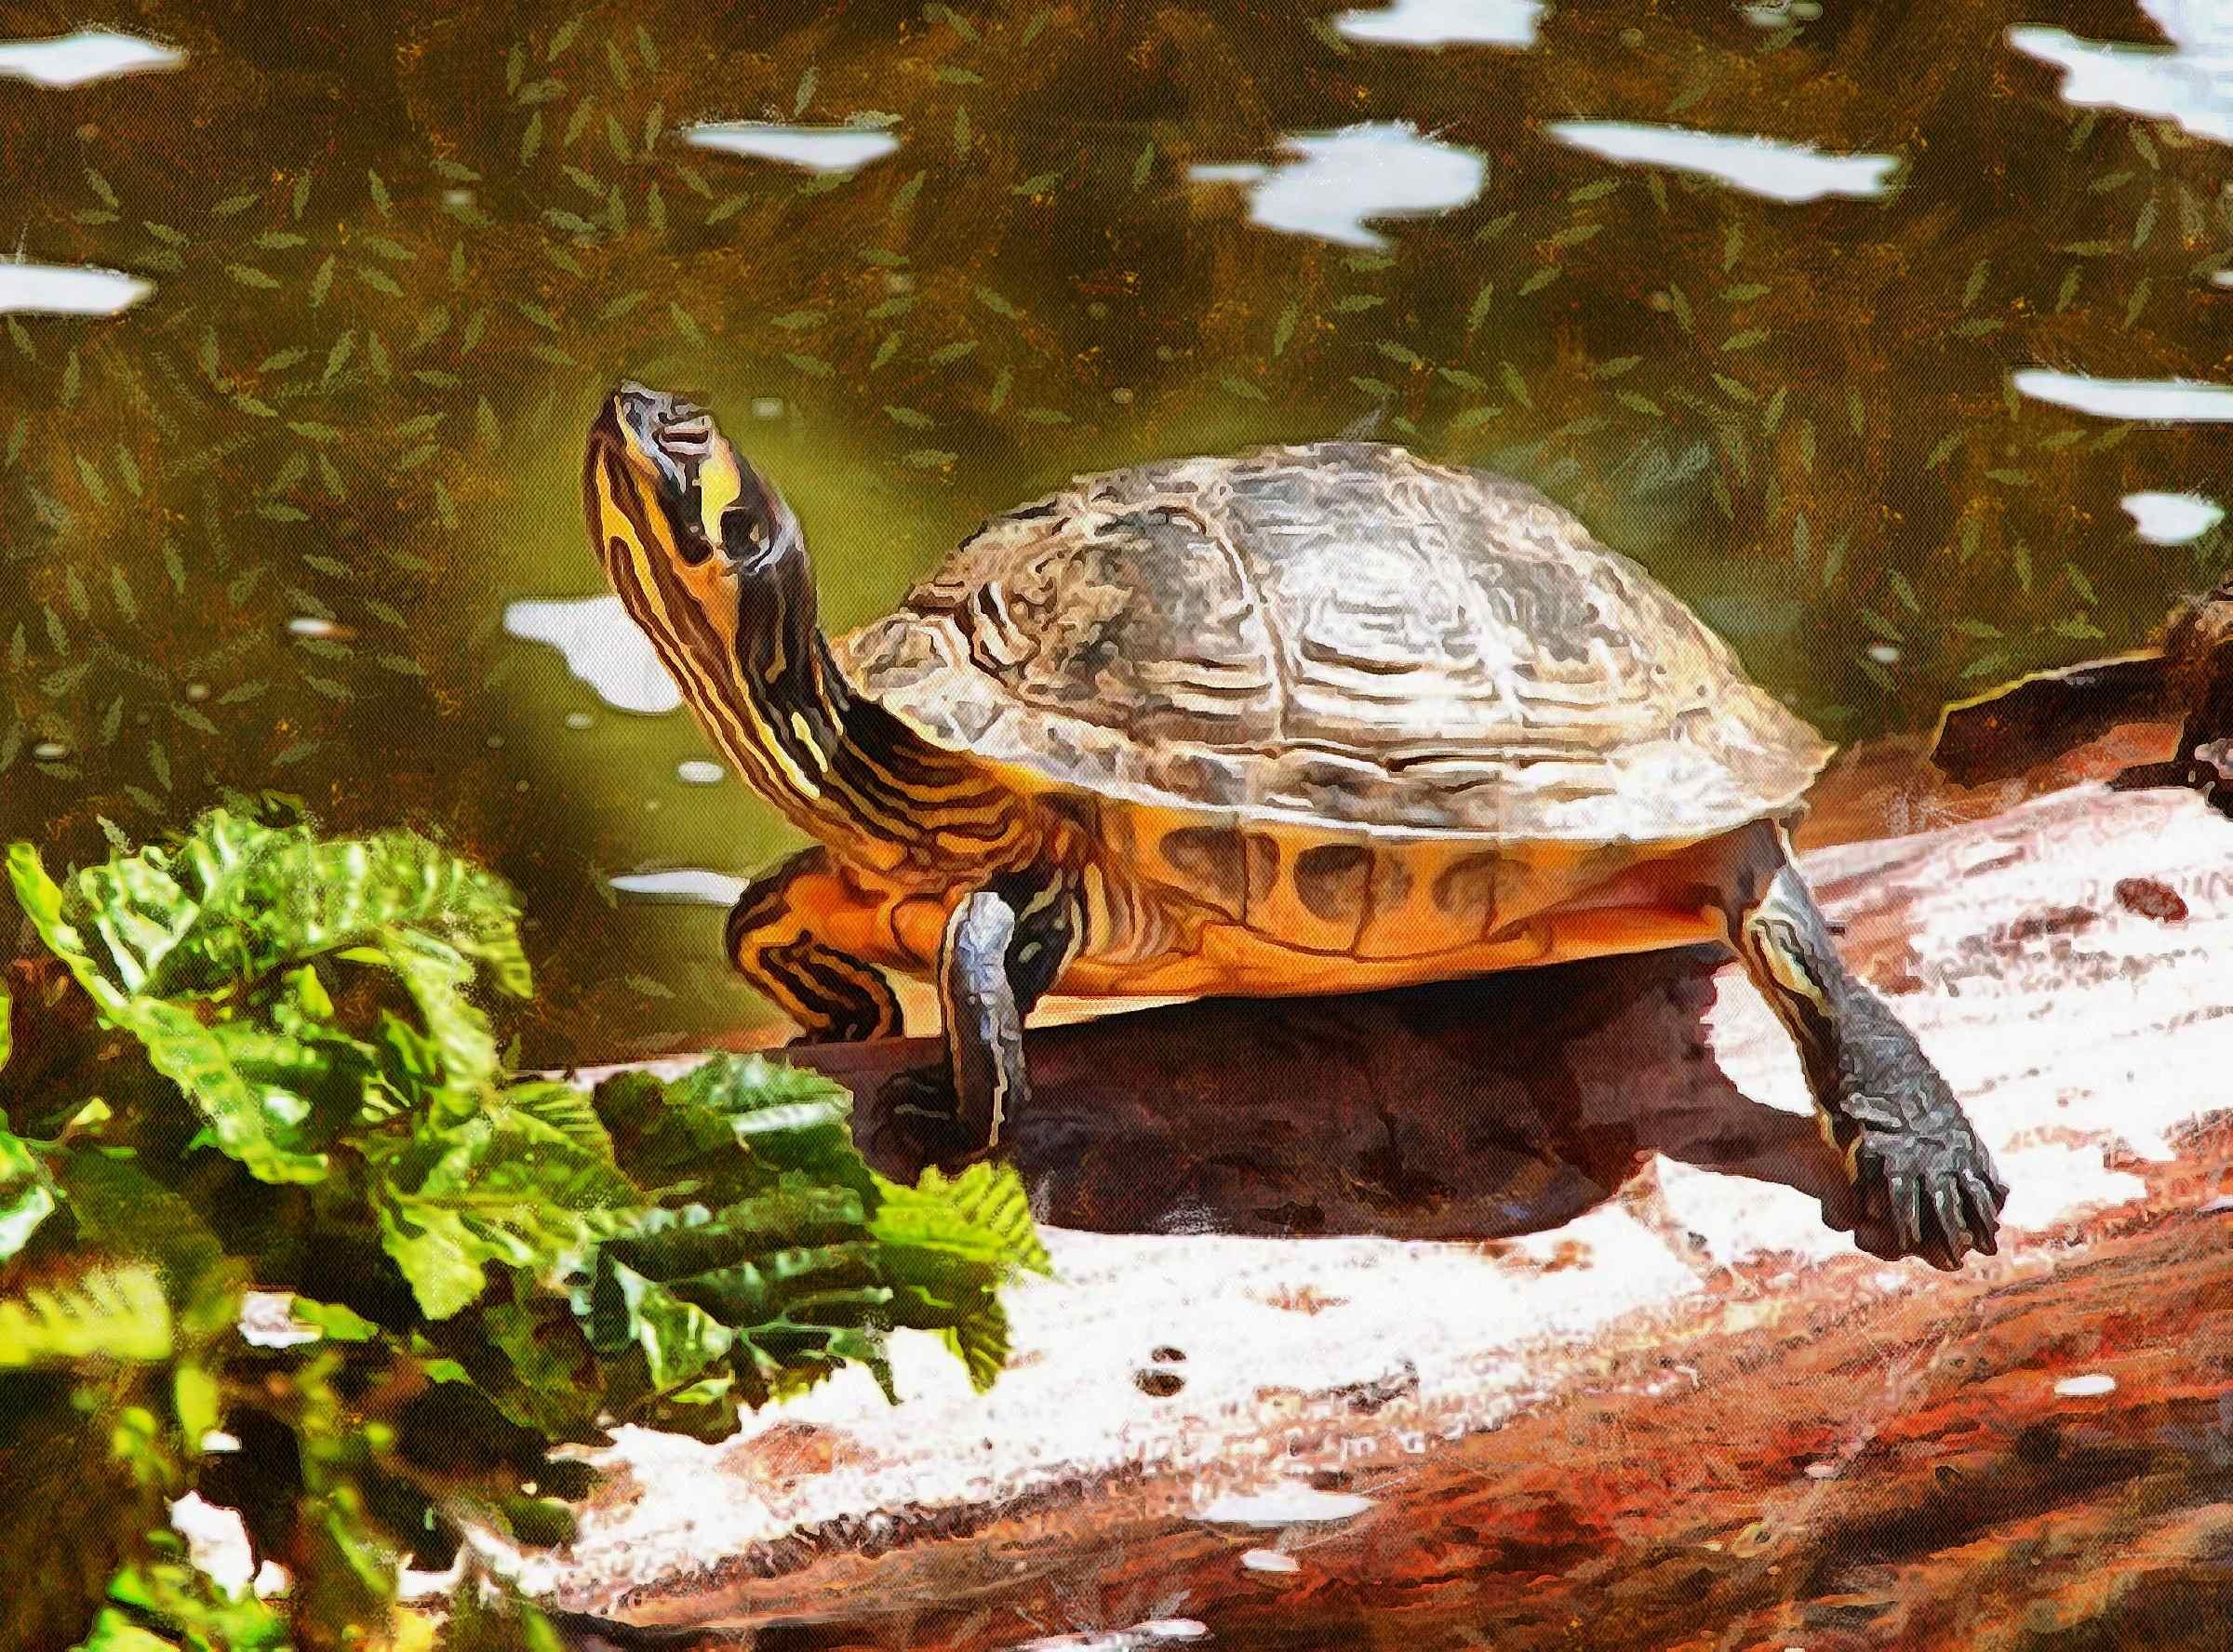 Turtle, Tortoise, Turtle free images, tortoise images, chelonian, leatherback, loggerhead, turtle, – Turtle free, Tortoise free , Turtle stock free images, Download free images turtles, turtle public domain images, tortoise public domain images!